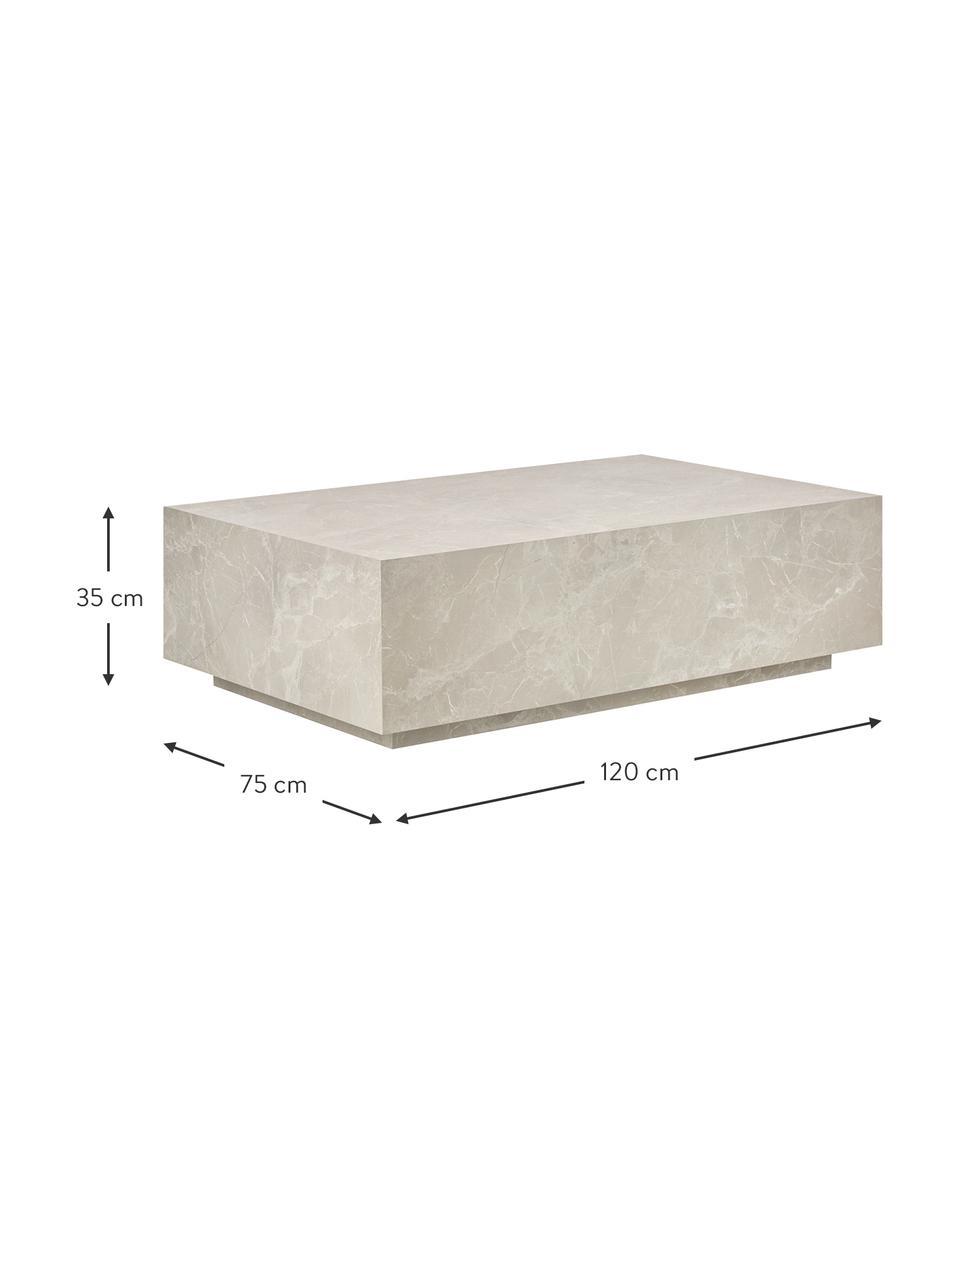 Mesa de centro flotante en look travertino Lesley, Tablero de fibras de densidad media(MDF) recubierto en melanina, Beige, look travertino, An 120 x Al 35 cm